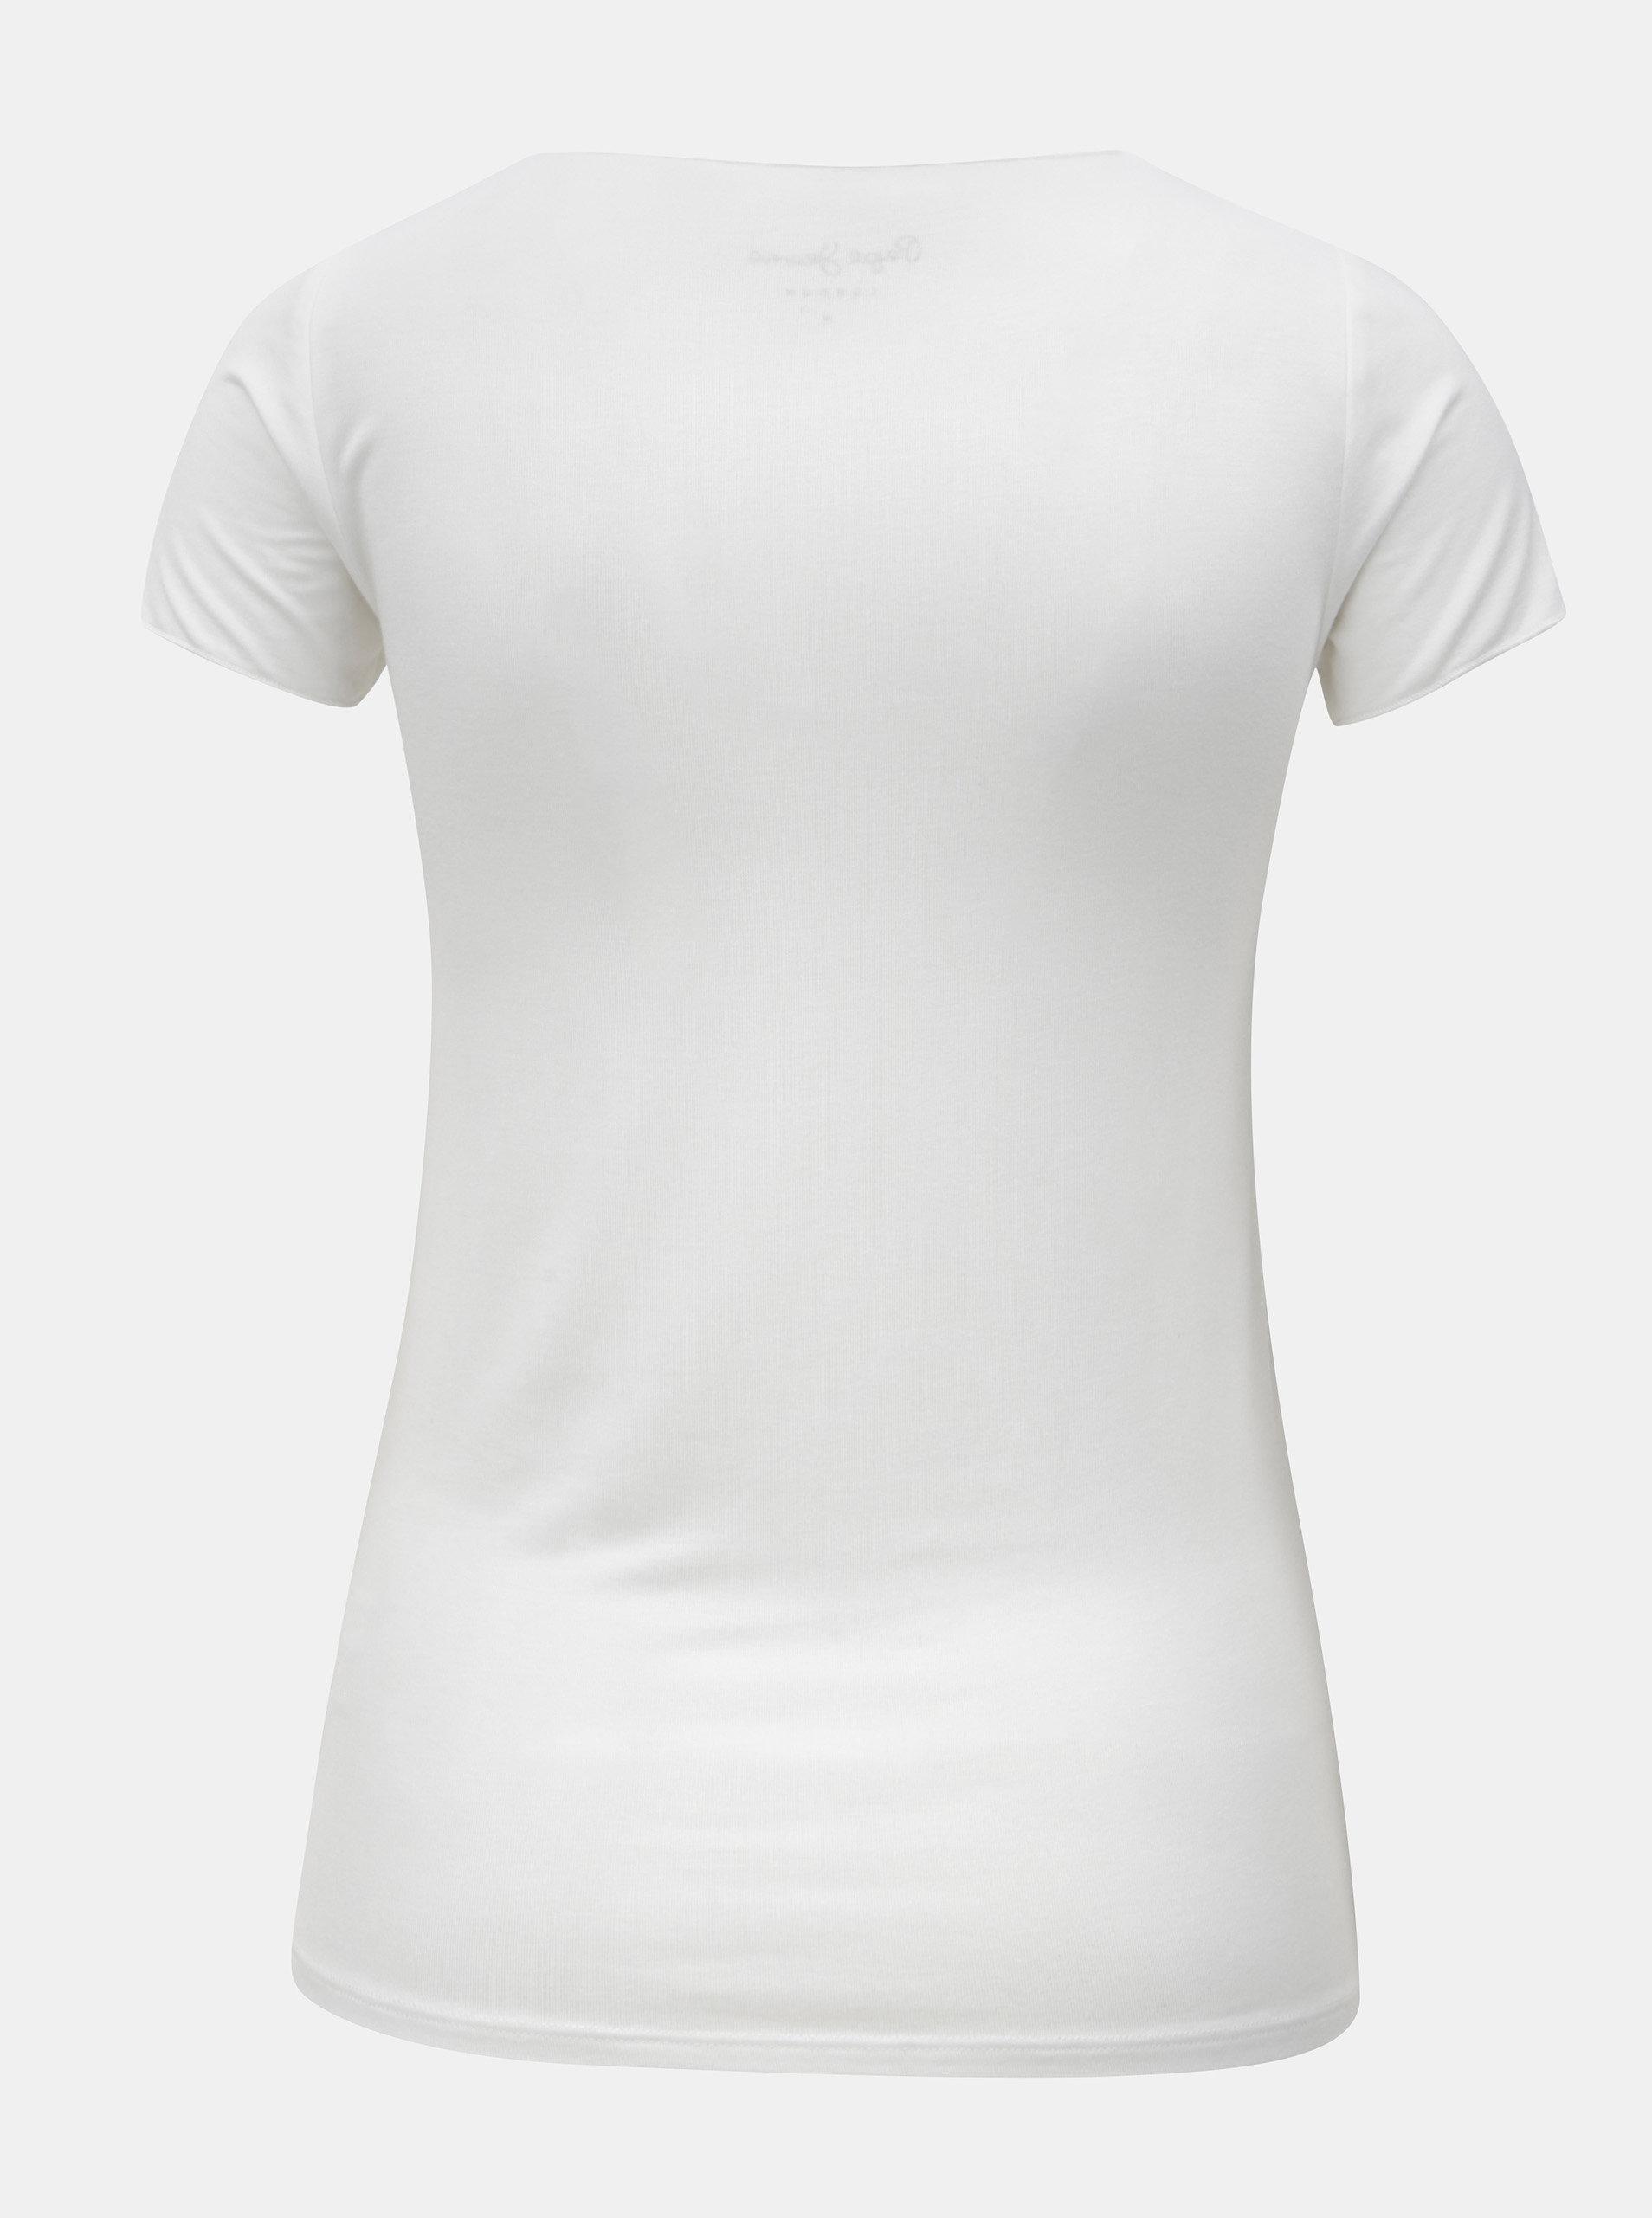 659a0cad916f Biele dámske tričko s potlačou Pepe Jeans ...